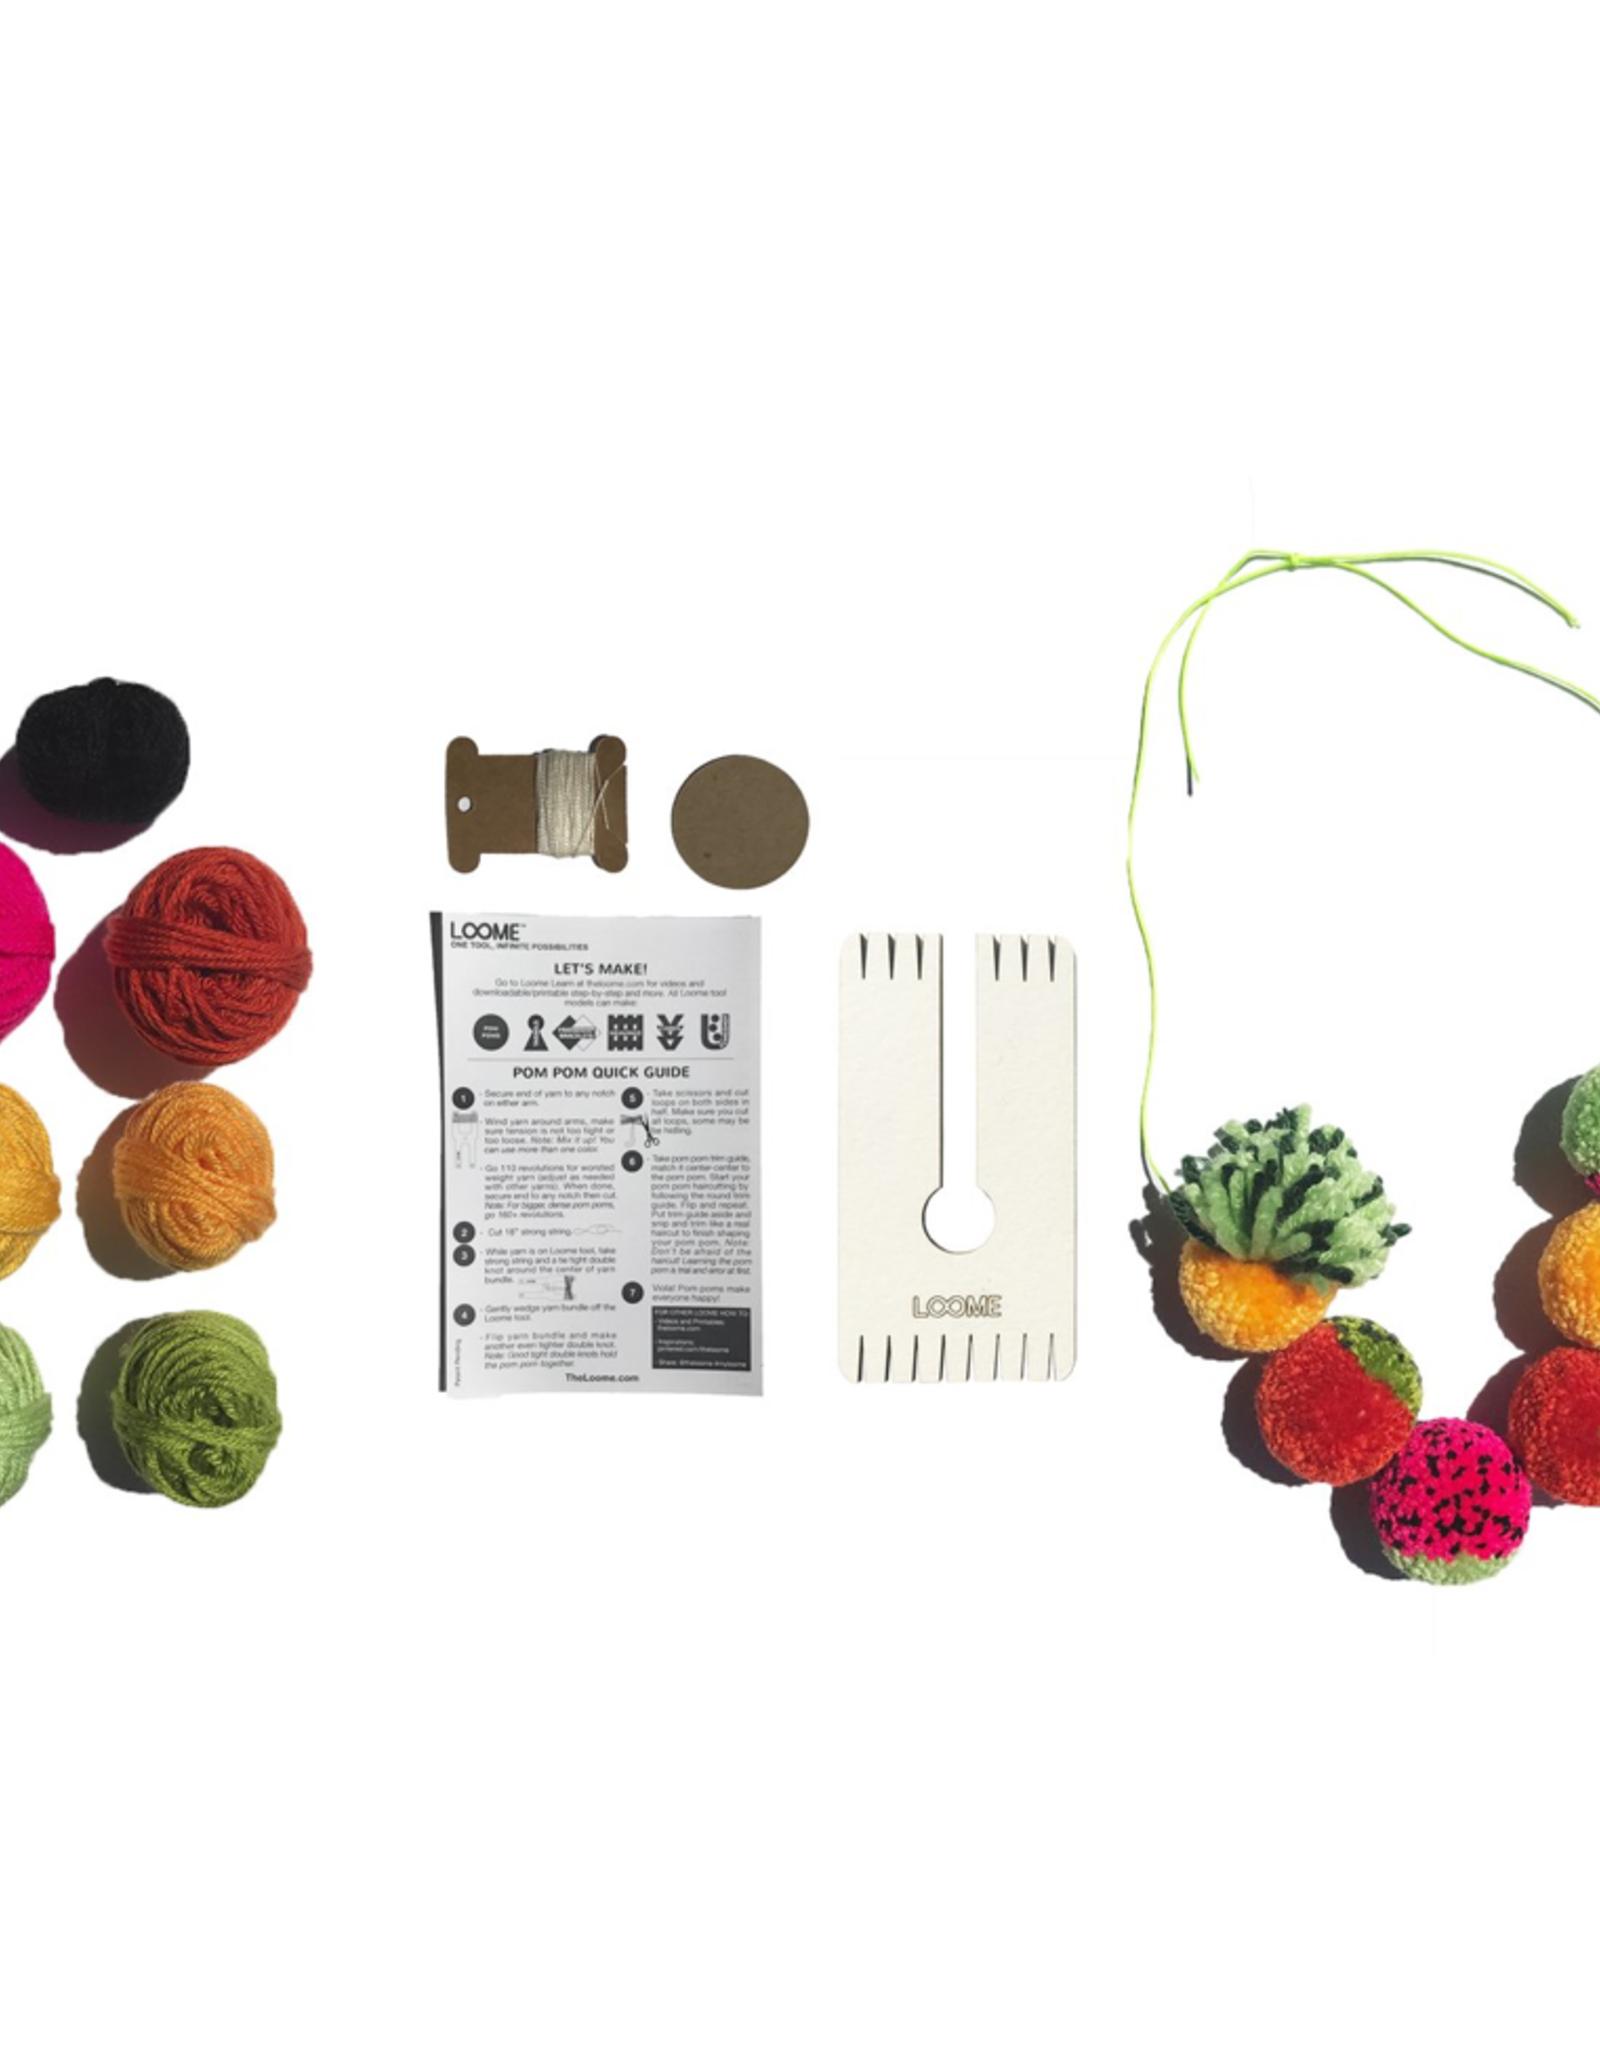 Loome Fruit Pom Pom kit